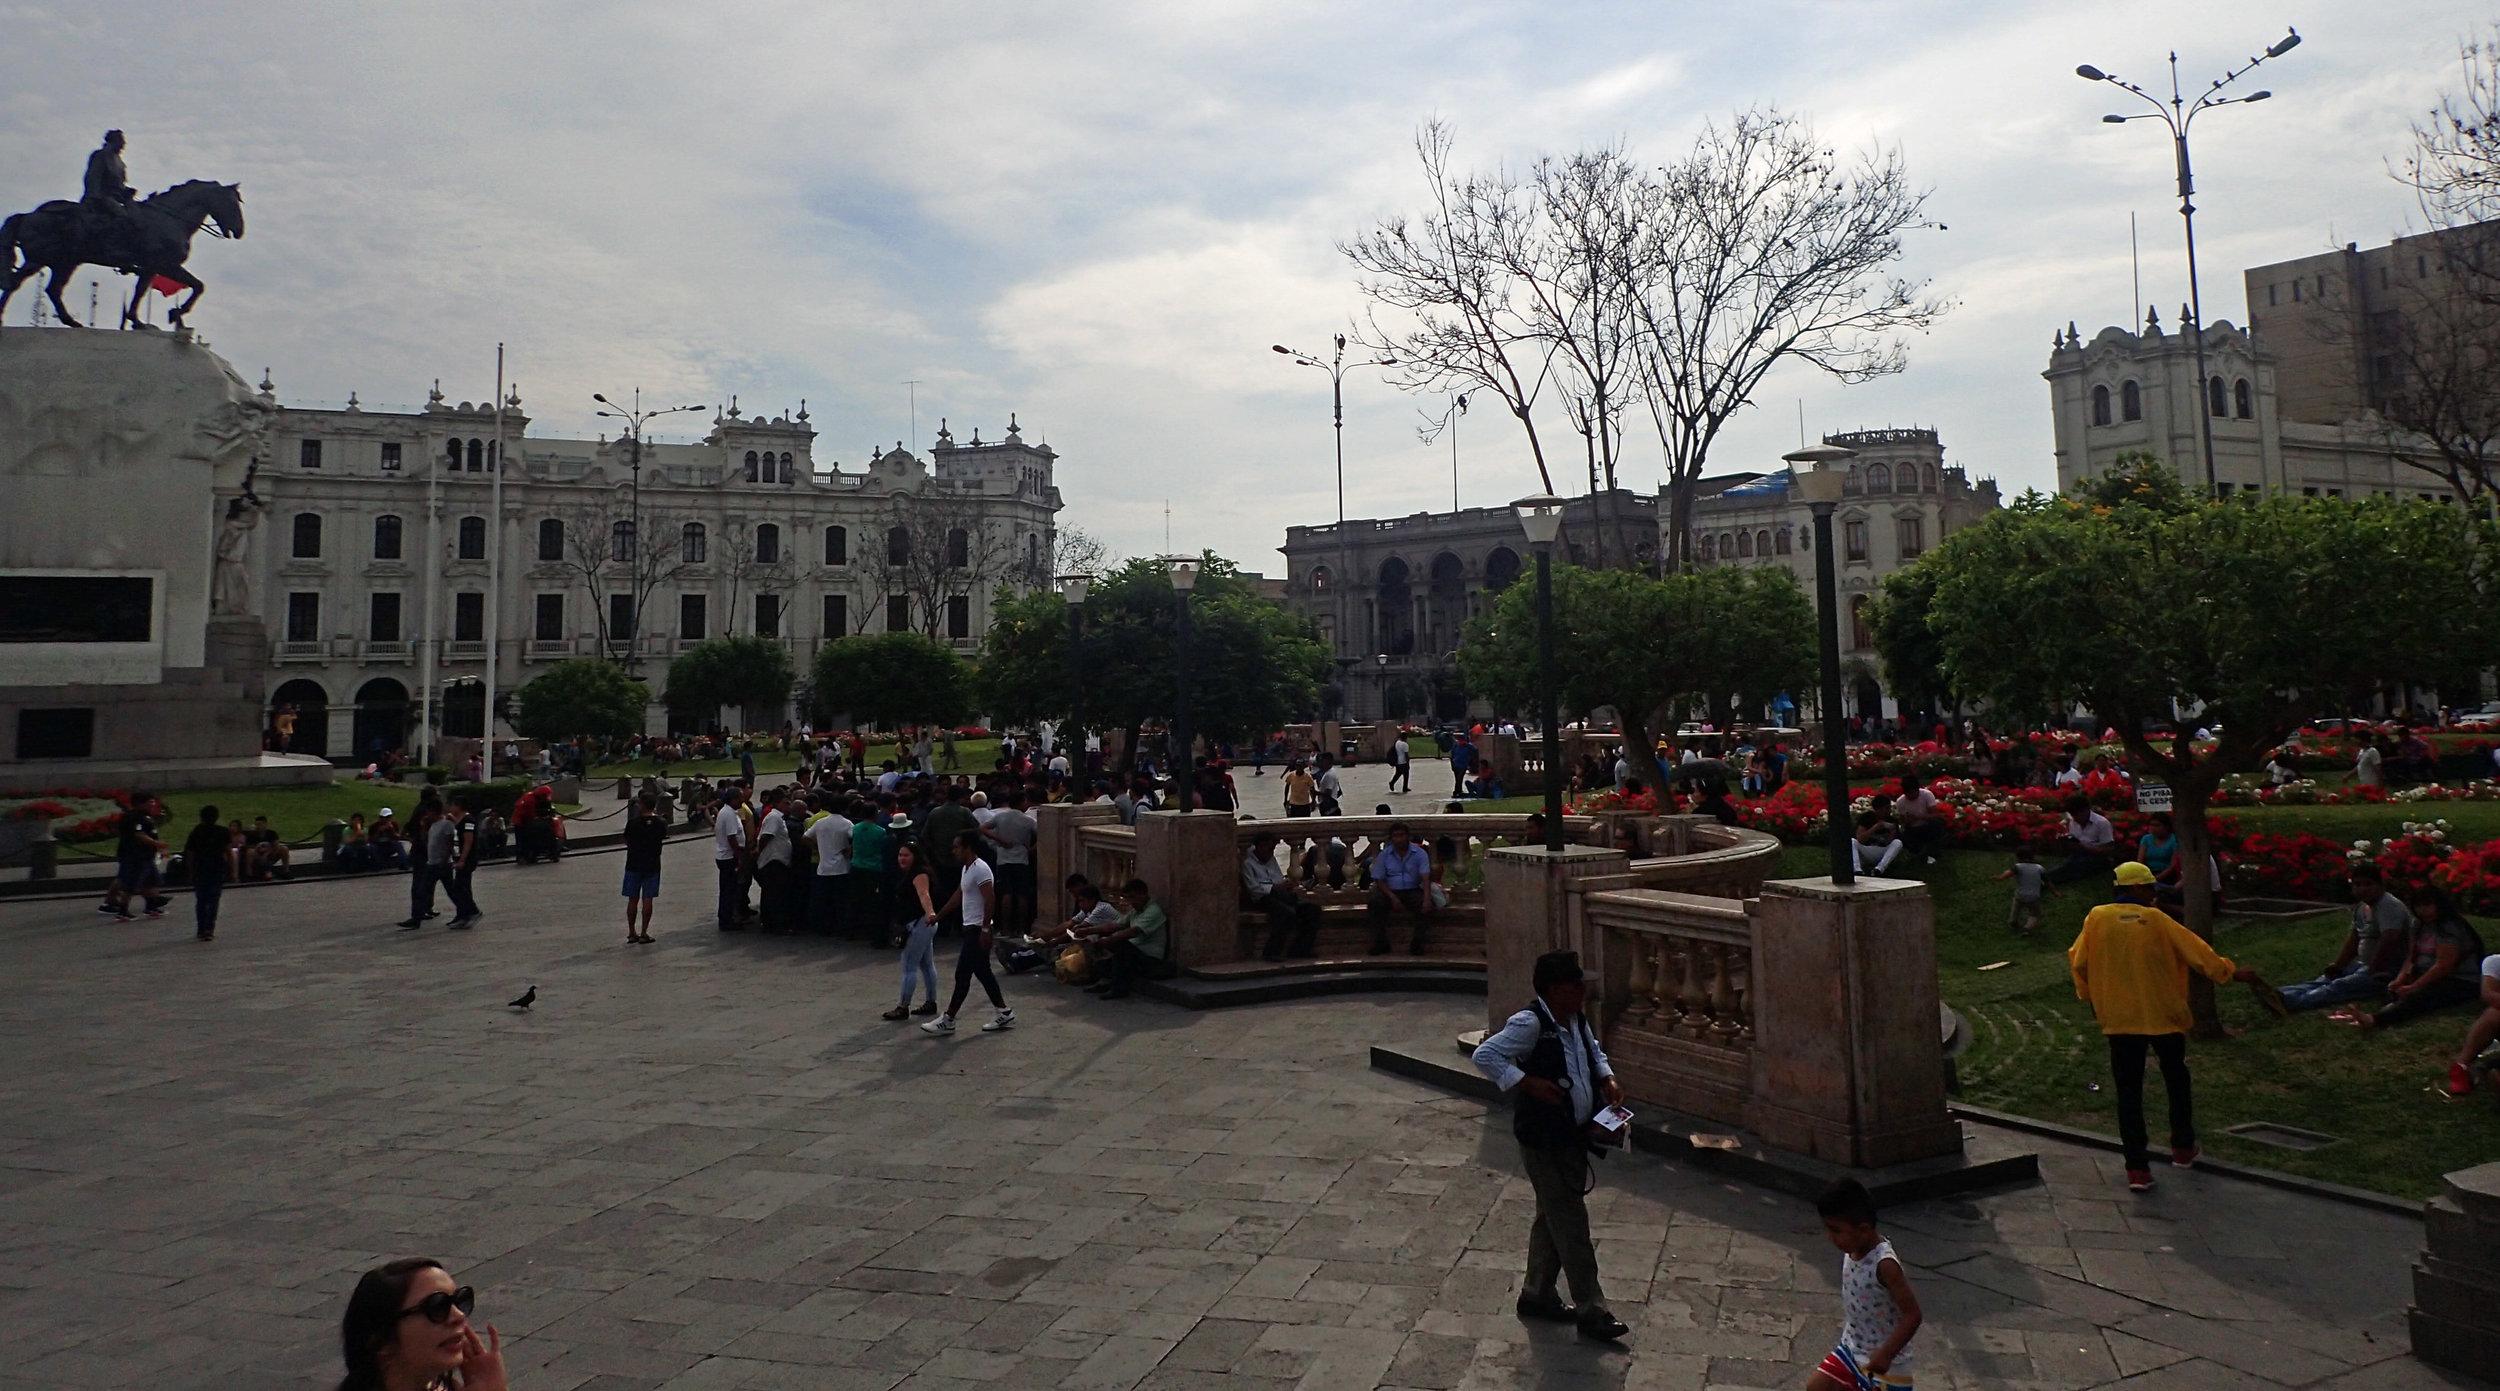 Plaza San Martin.jpg